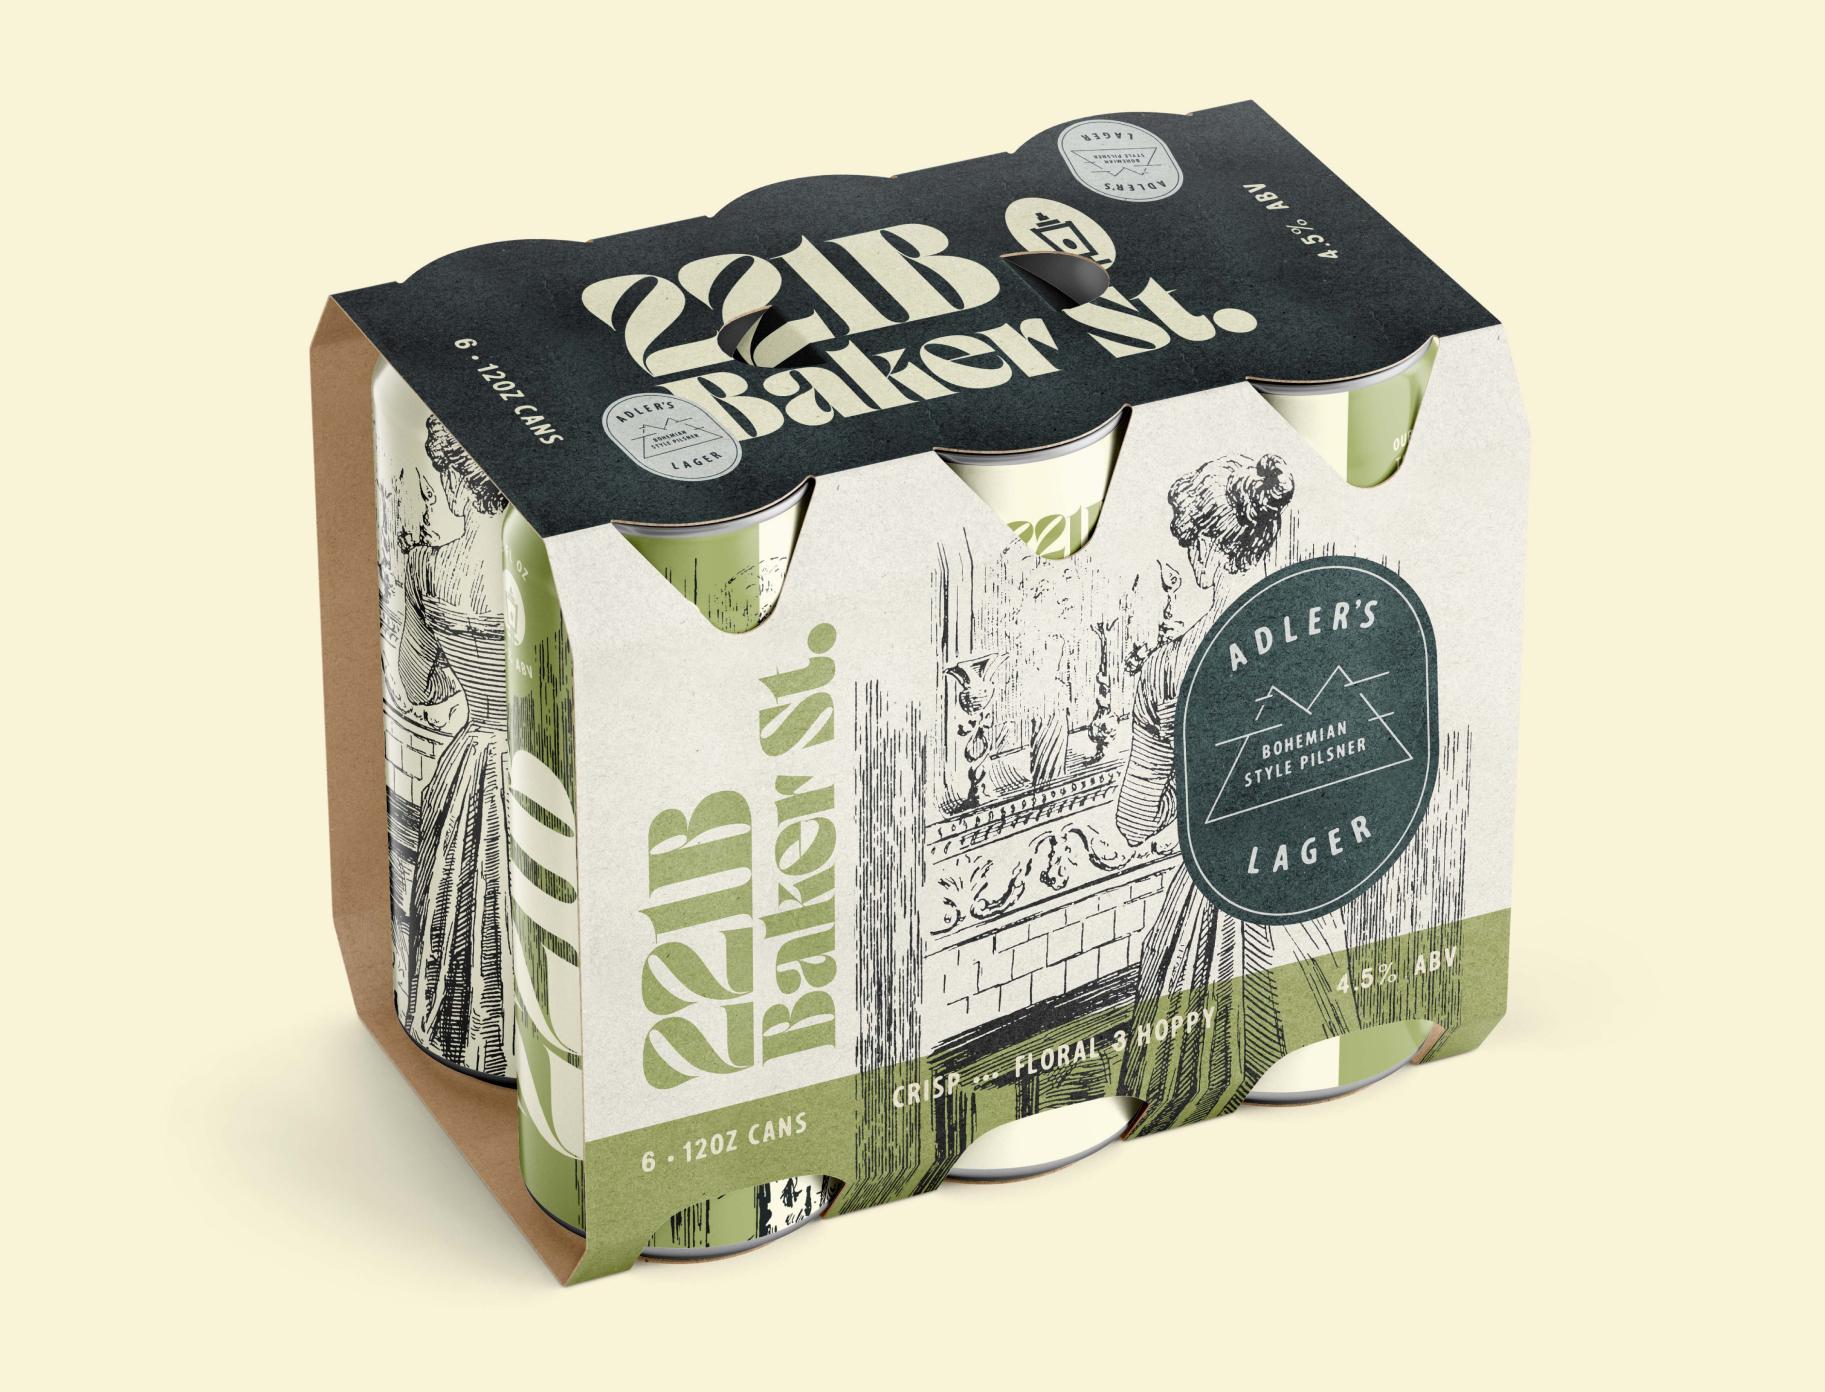 Six pack design for Adler's bohemian-style pale pilsner lager